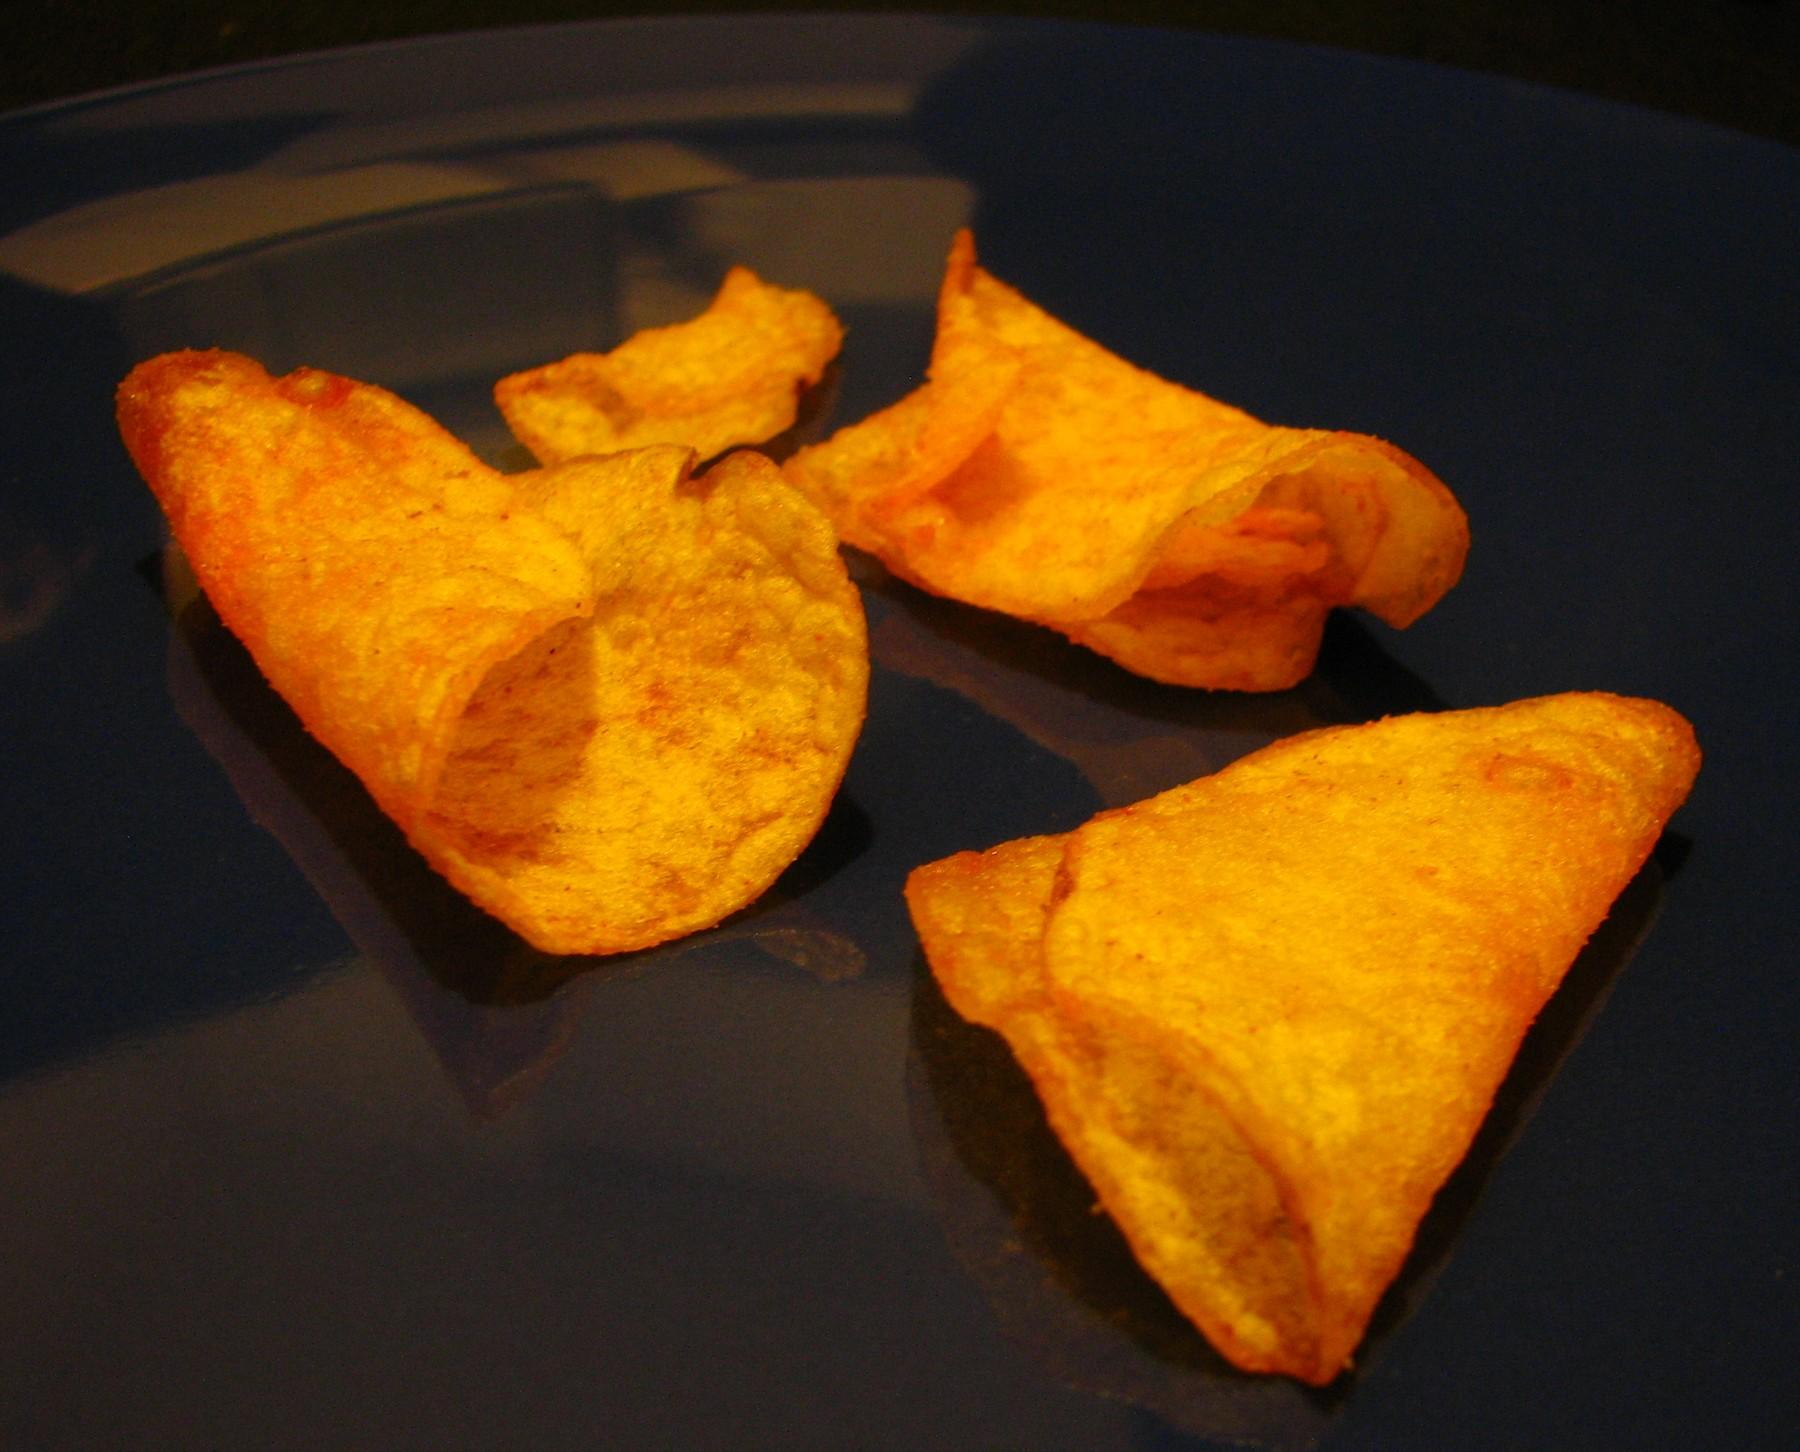 gekringelte Chips